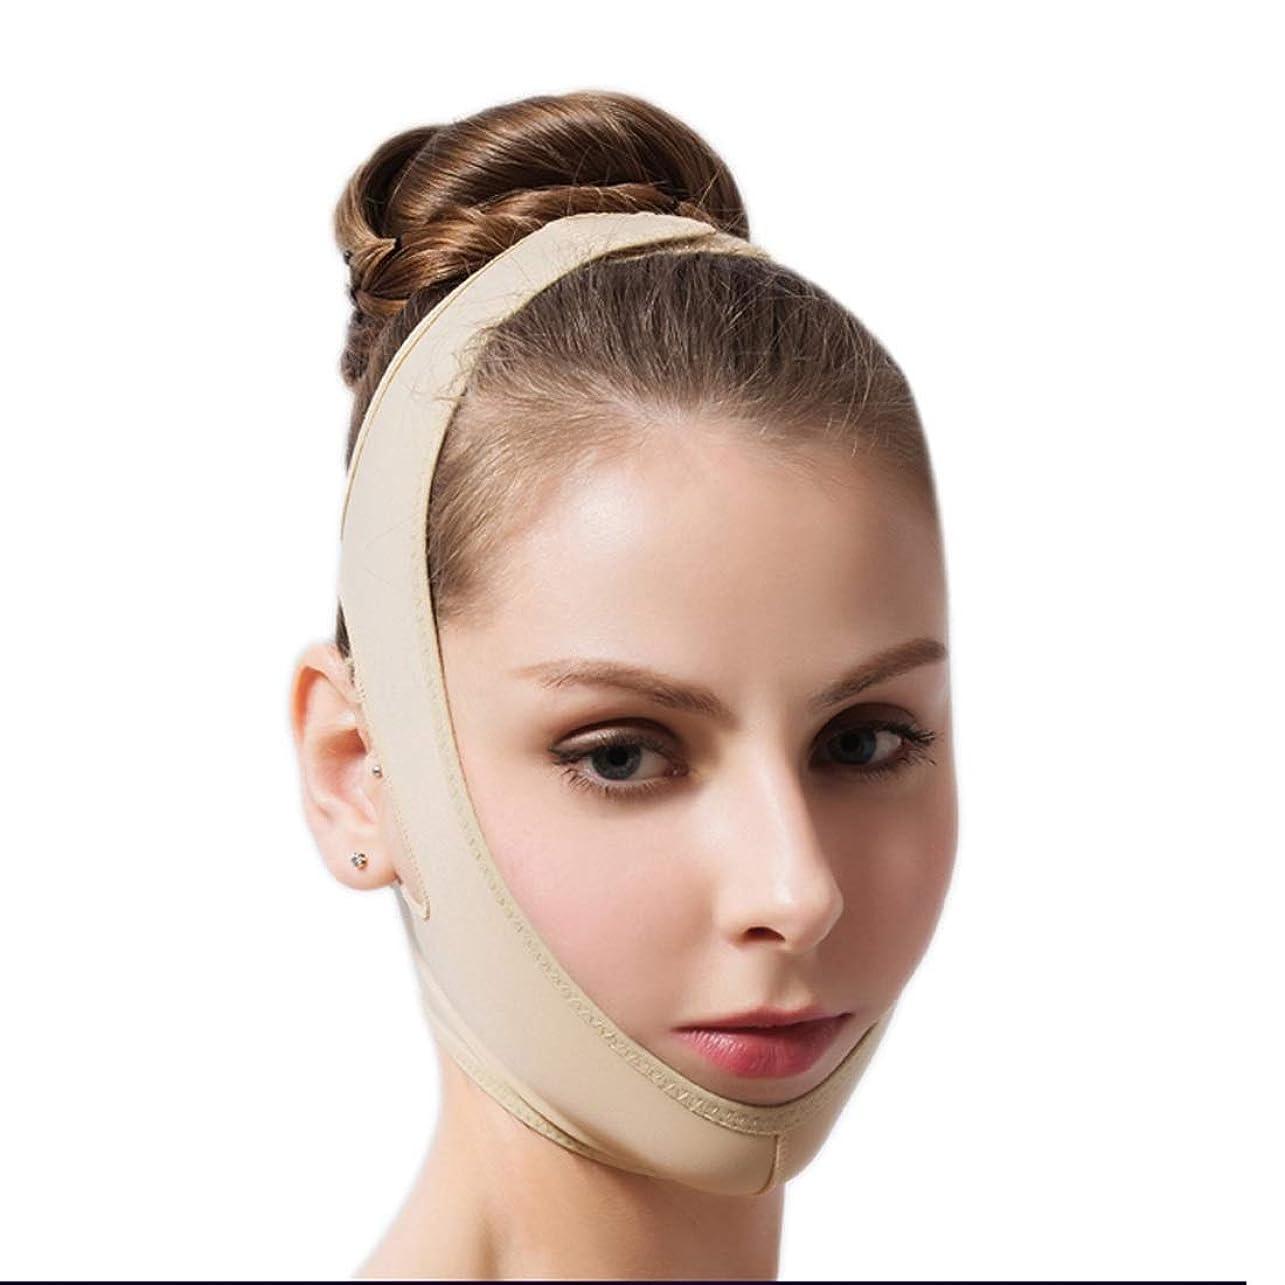 ラフレシアアルノルディ厄介な擬人化ZWBD フェイスマスク, フェイスリフト包帯V整形術後回復包帯医療グレードマスクバンドルジョー二重あご (Size : L)